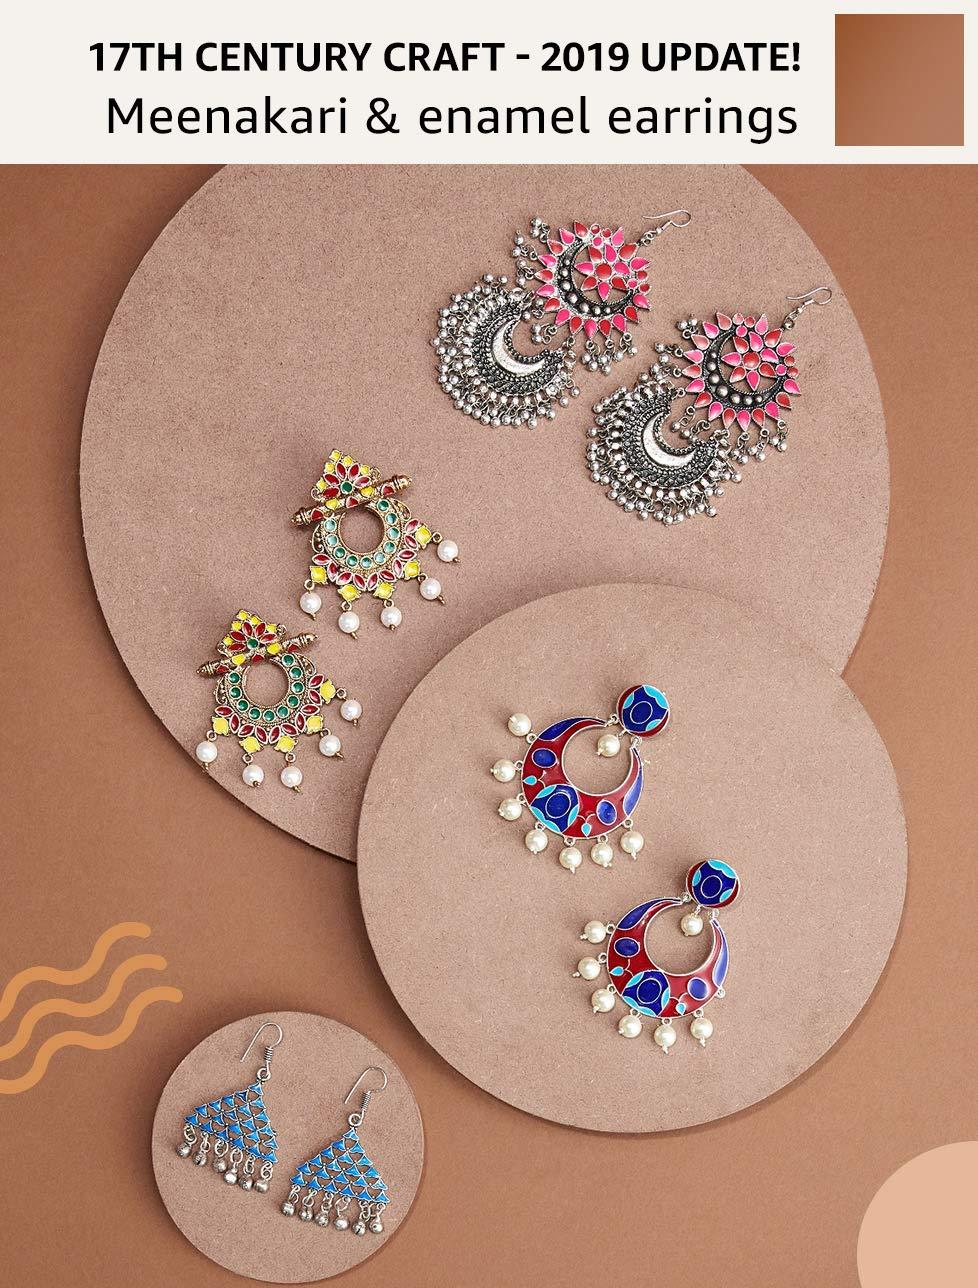 Meenakari & Enamel Earrings